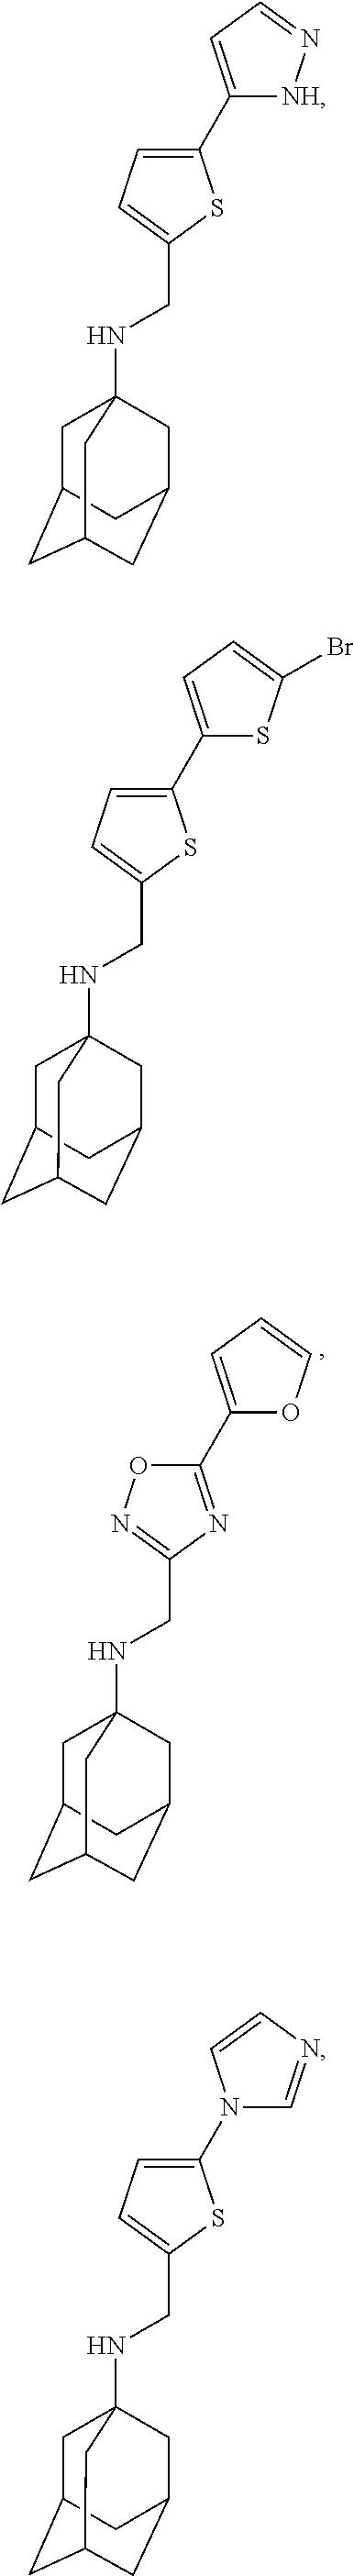 Figure US09884832-20180206-C00164